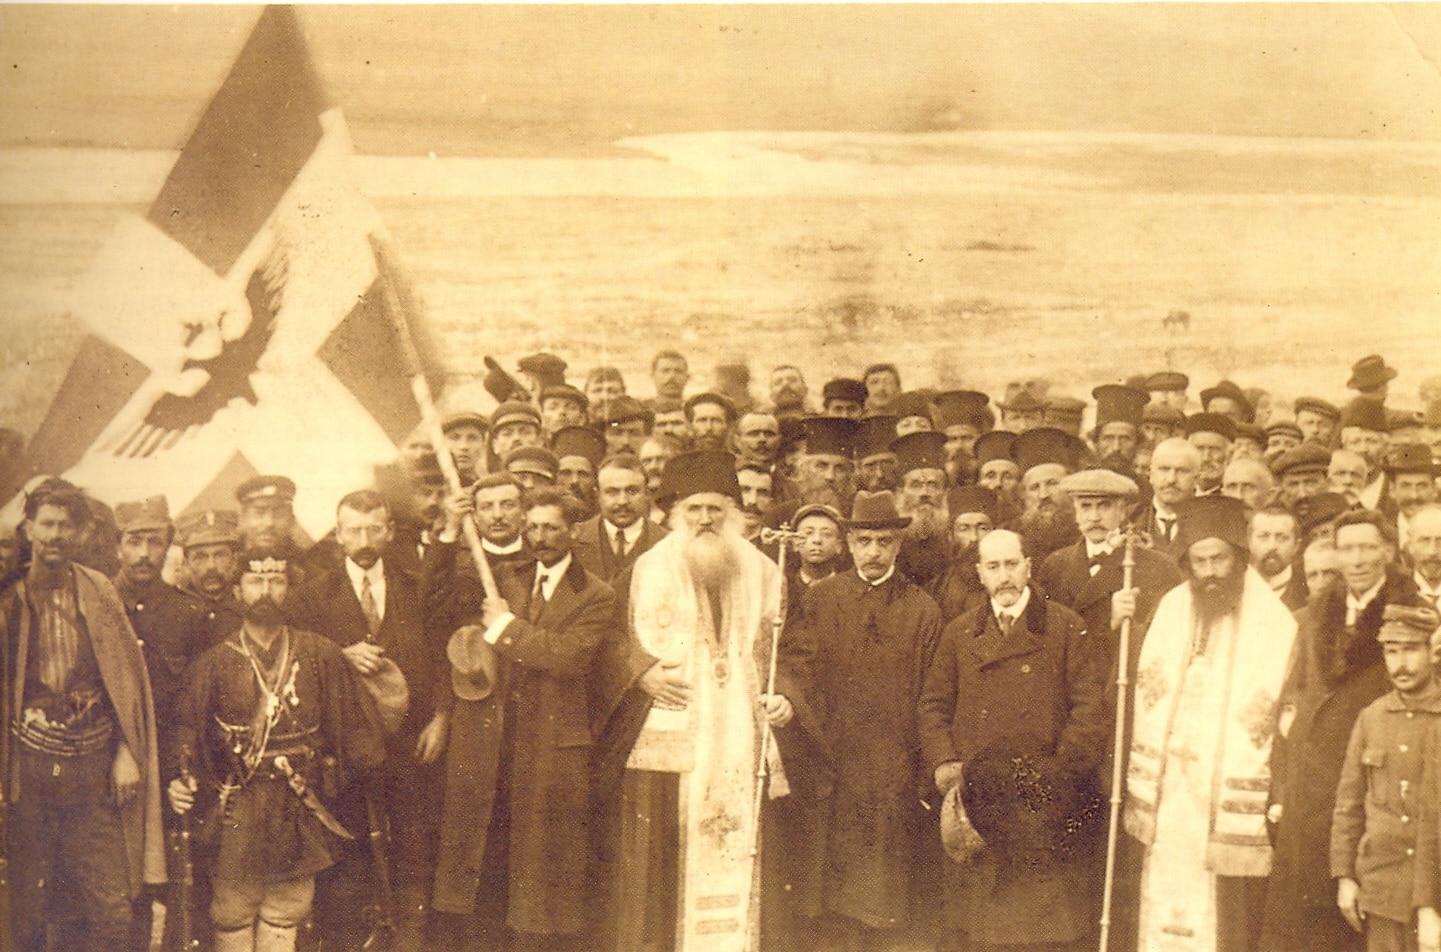 Επίσημη ανακήρυξη Ανεξαρτησίας Αργυροκάστρου 1914